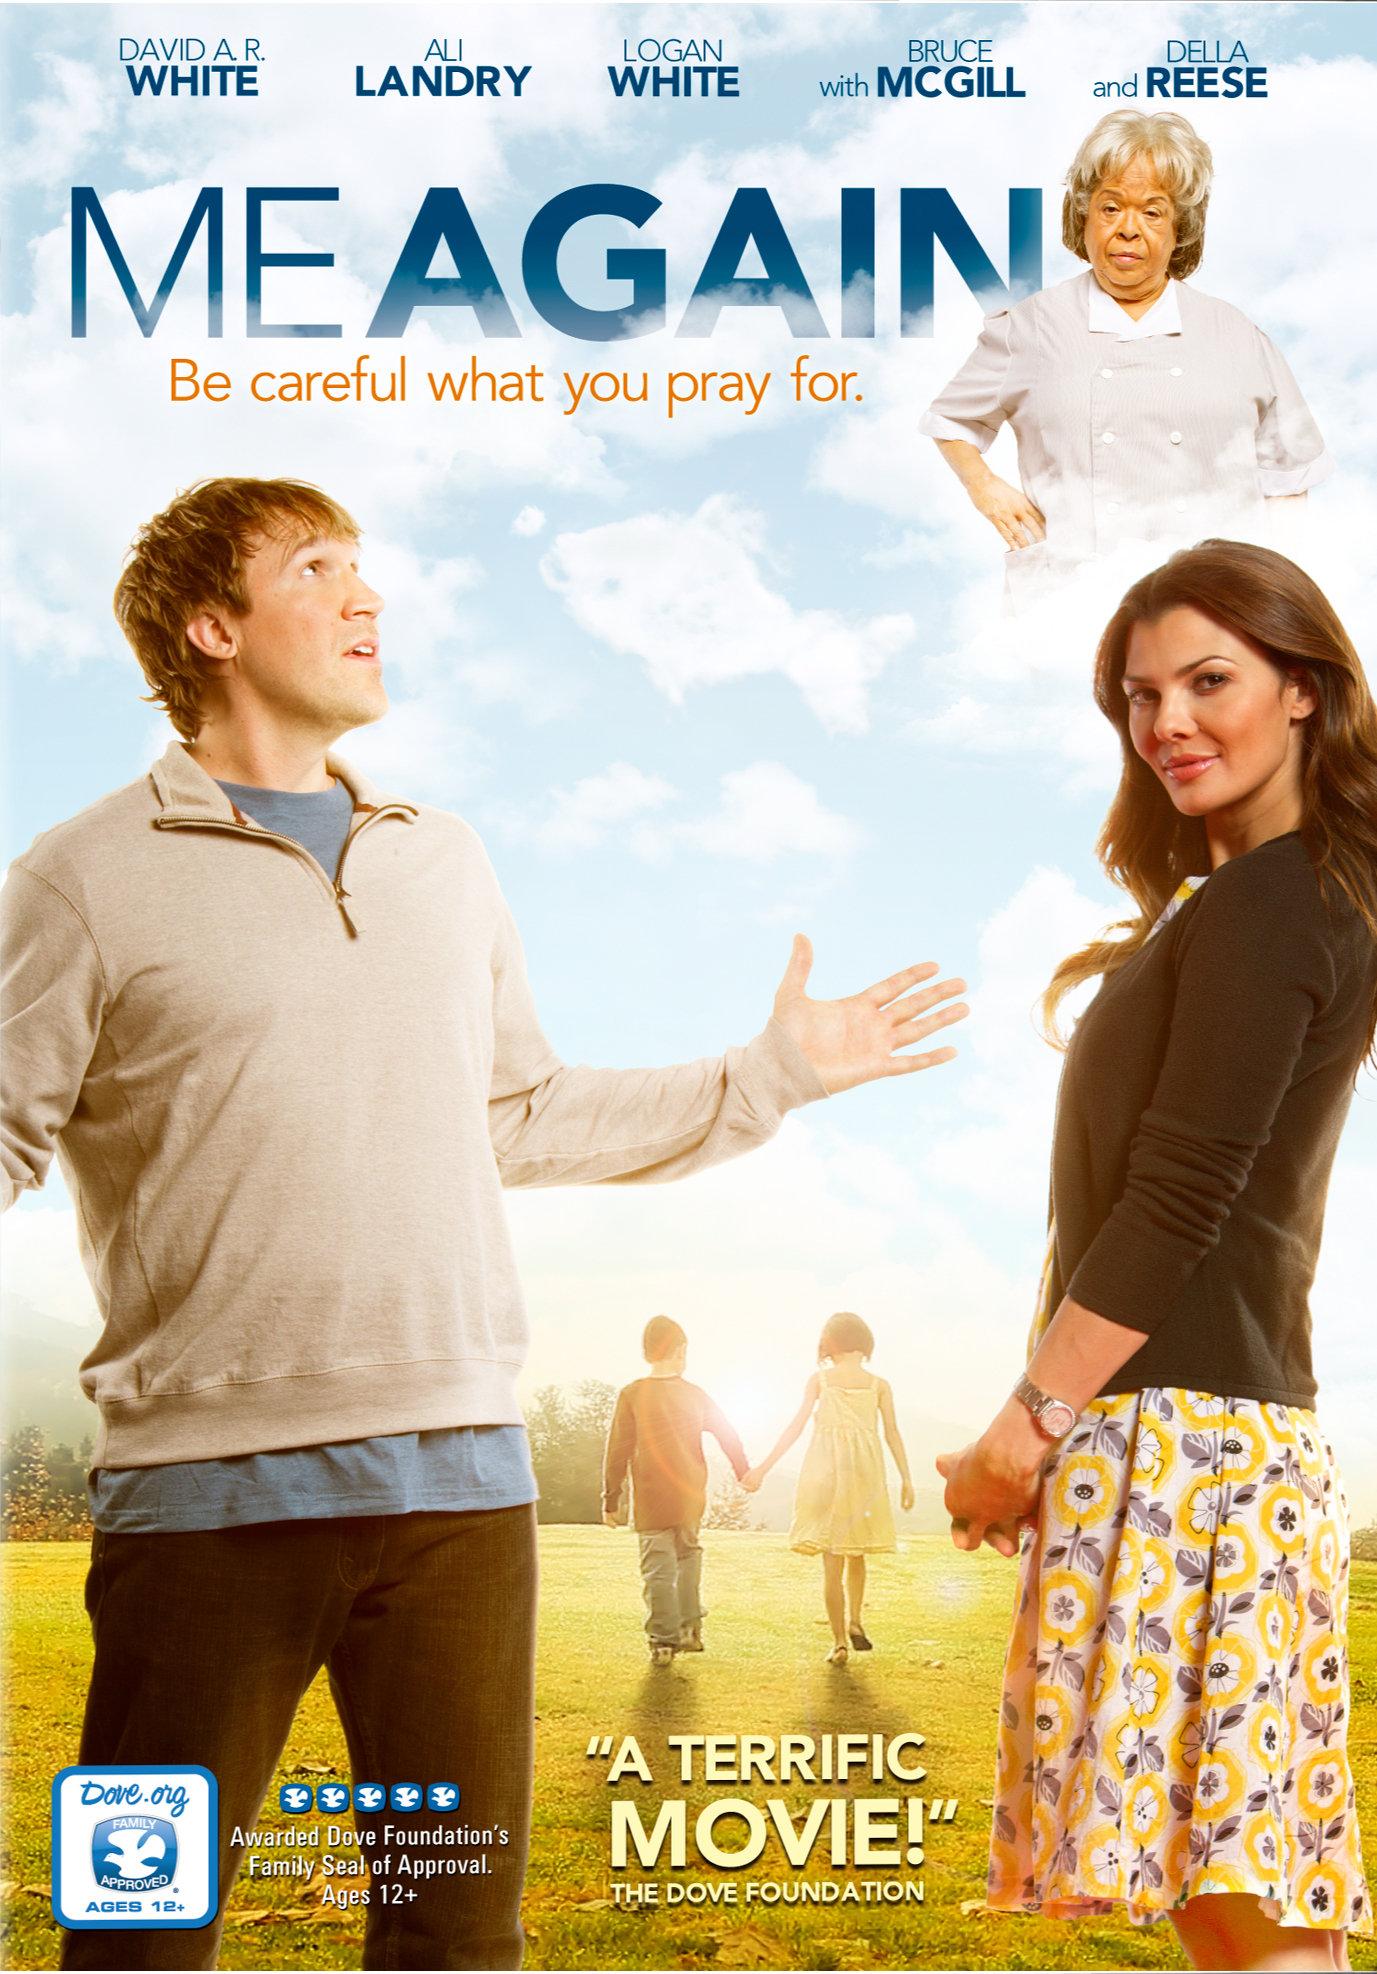 Me Again - DVD Image